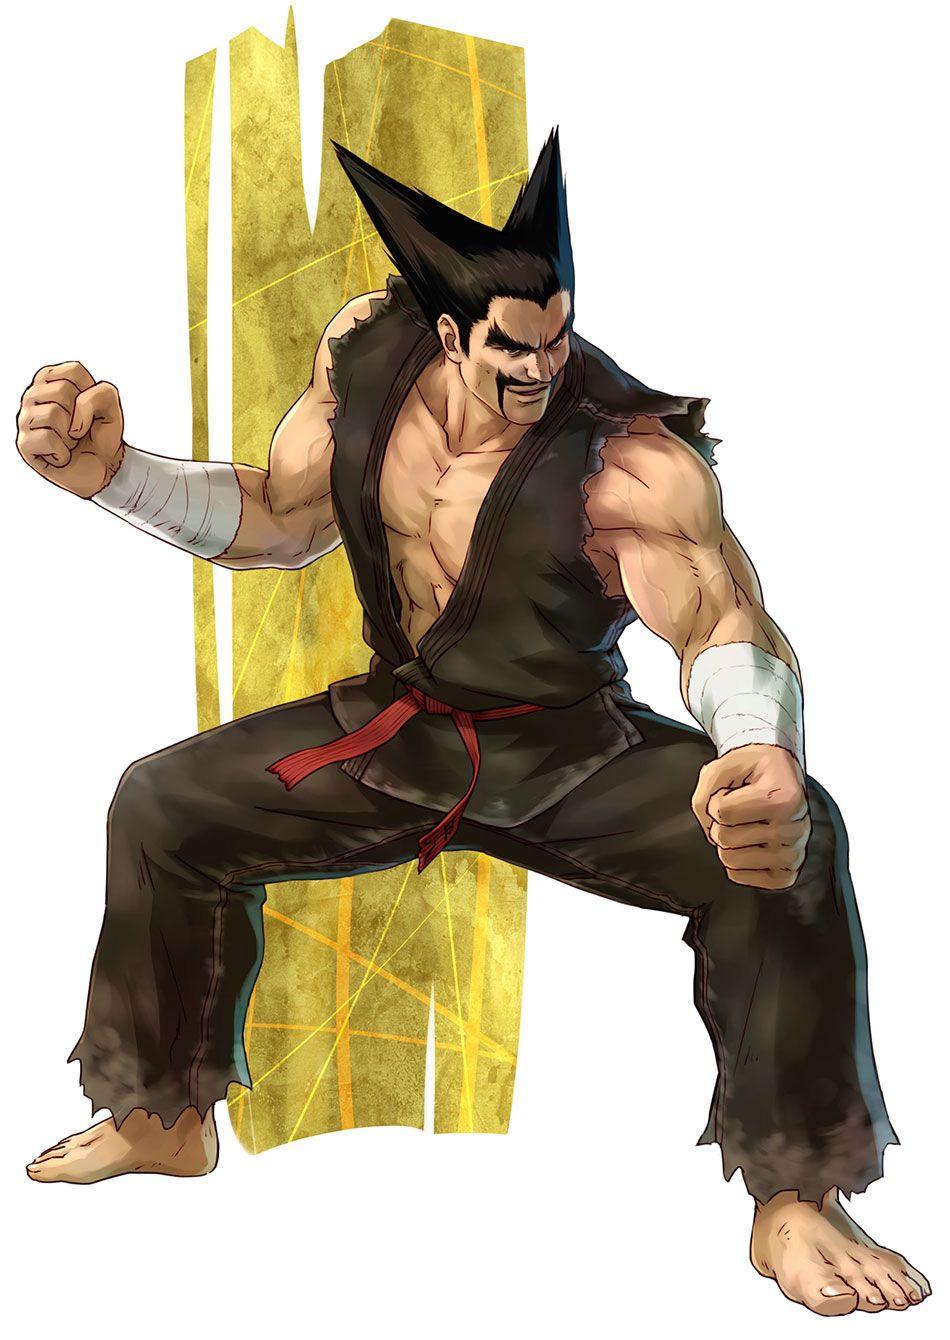 heihachi mishima characters art project x zone 2 character art game character design character design heihachi mishima characters art